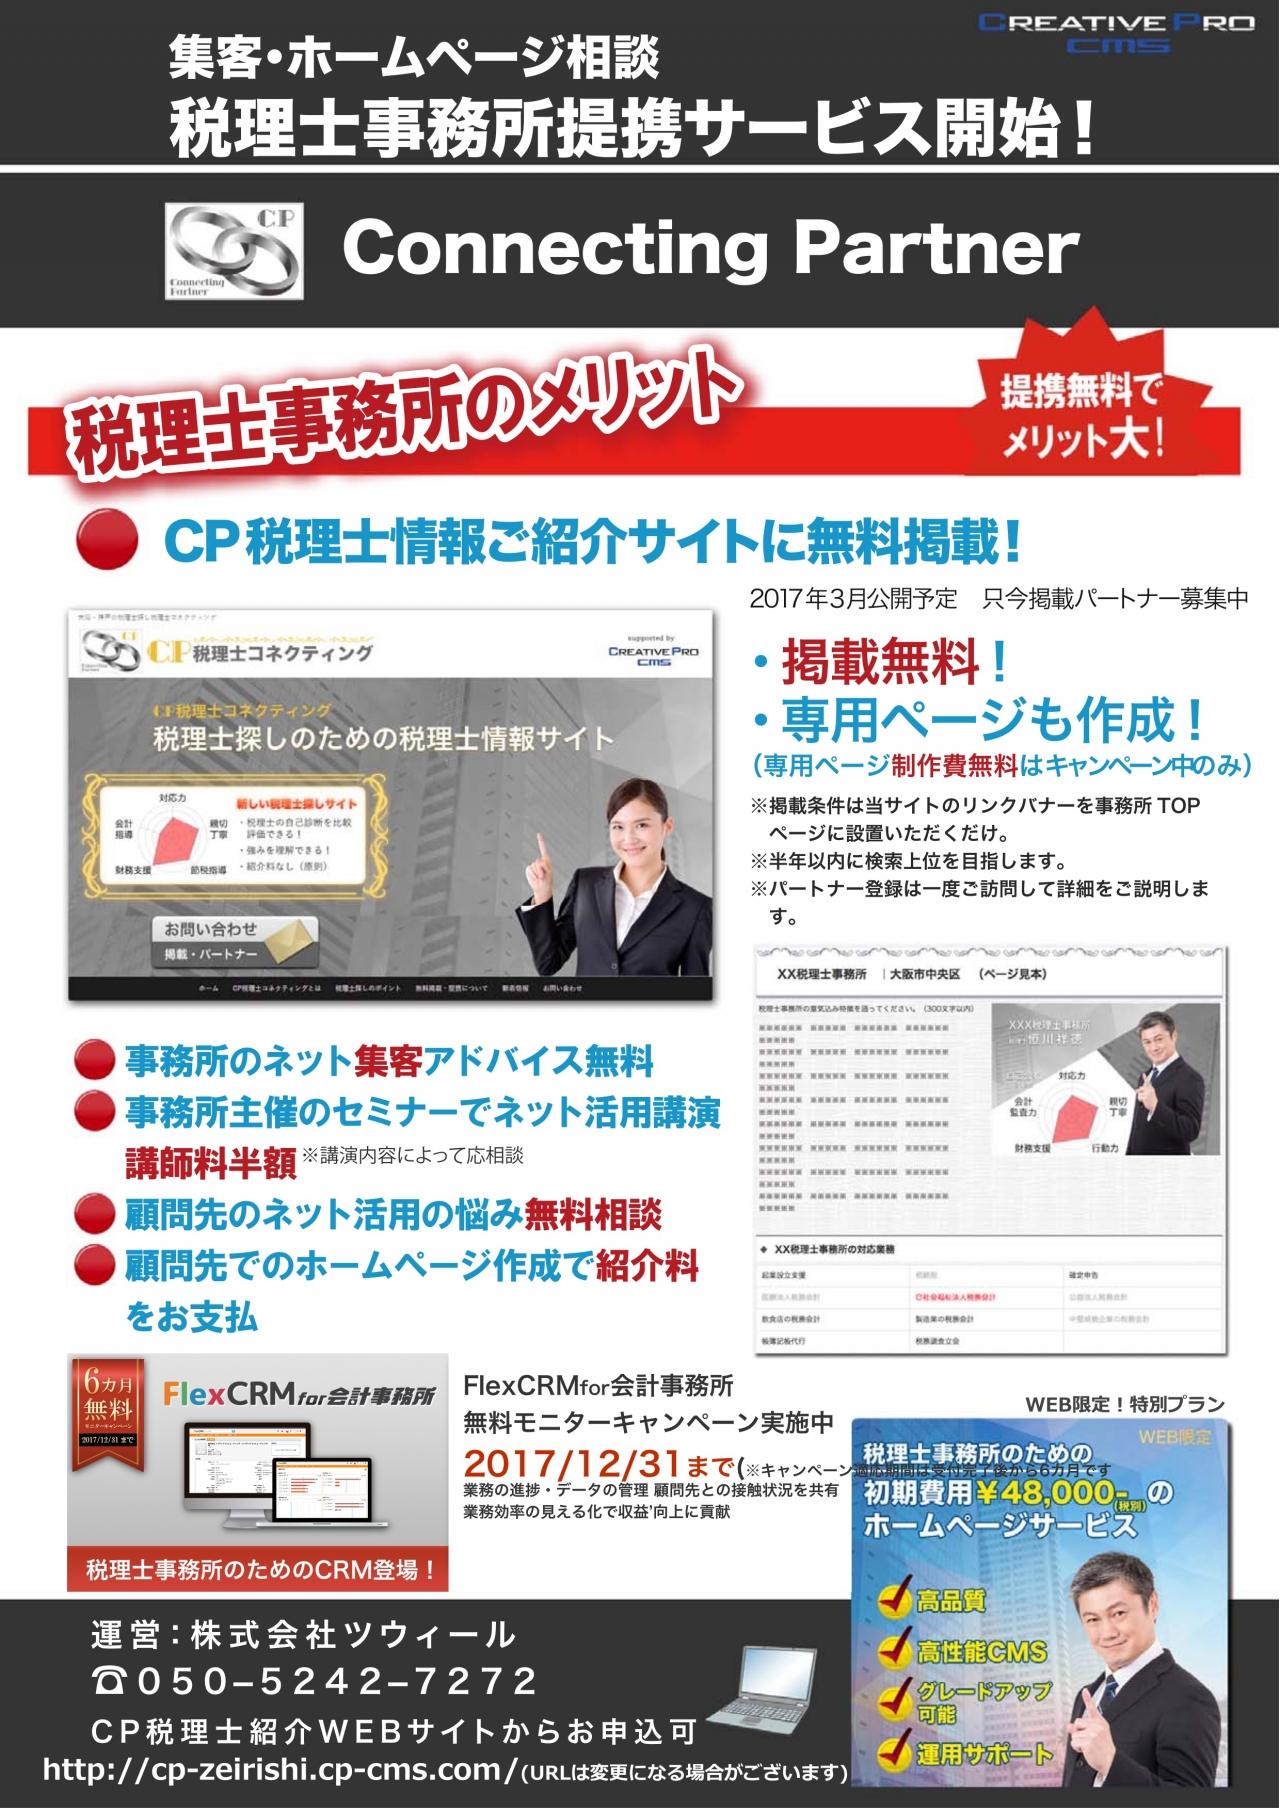 大阪・神戸の税理士選びは税理士コネクティング